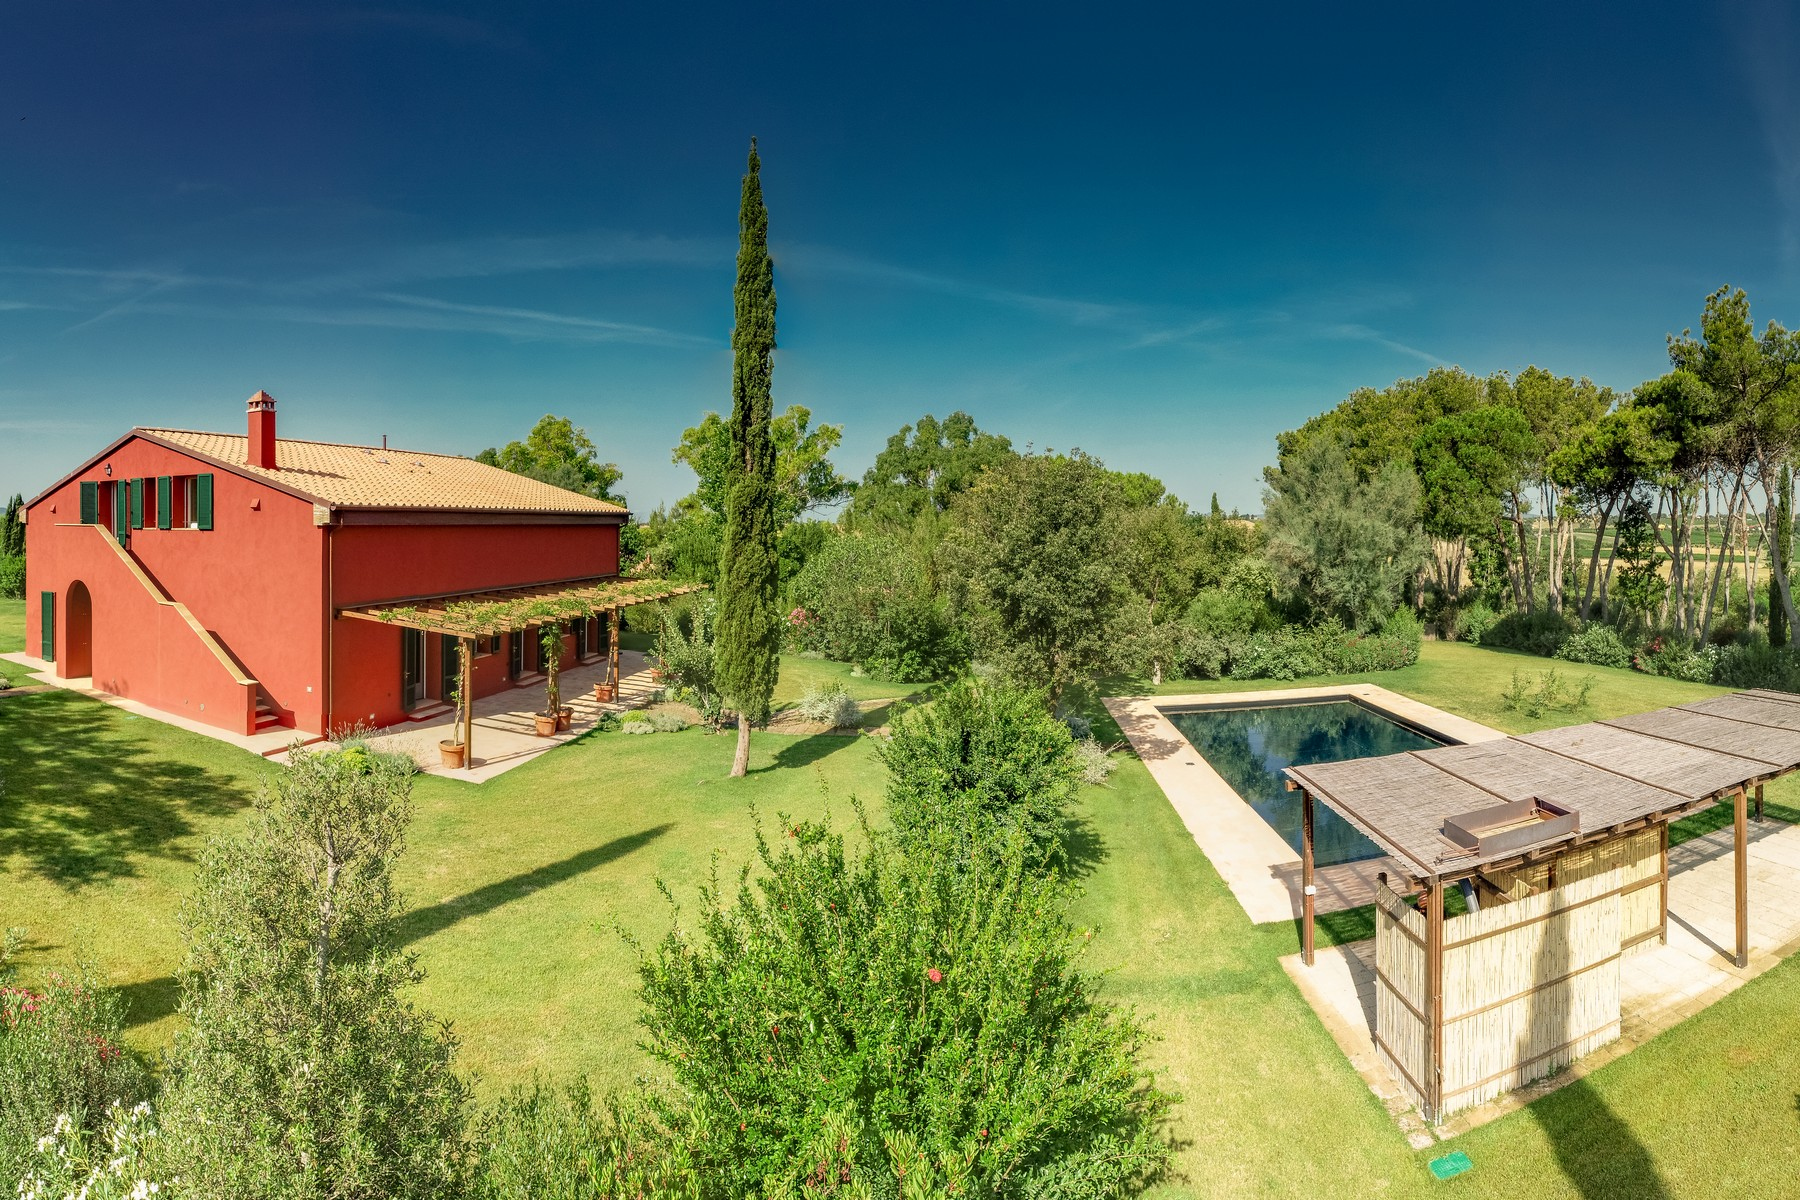 Villa in Vendita a Magliano In Toscana: 5 locali, 545 mq - Foto 1